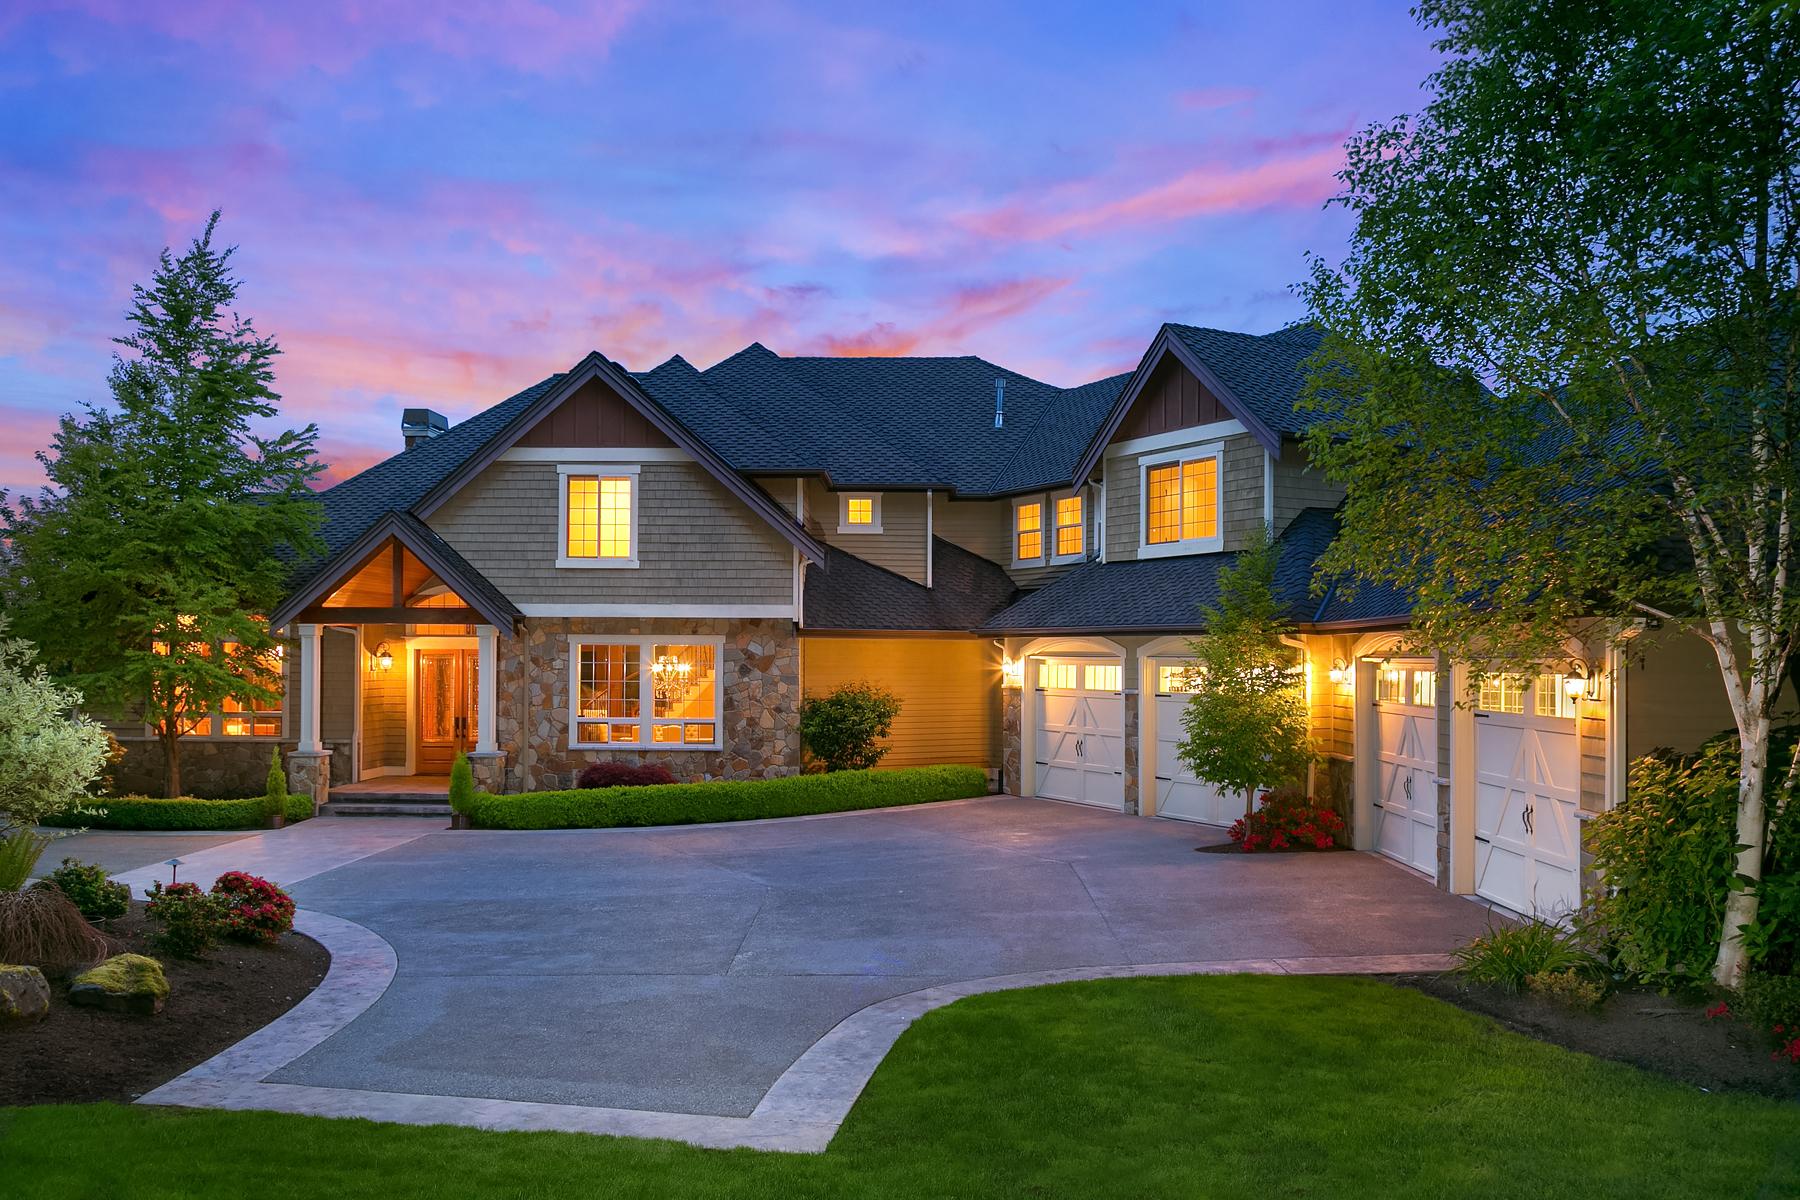 Частный односемейный дом для того Продажа на Exquiste Edmonds Estate 14131 67th Ave SE Edmonds, Вашингтон 98026 Соединенные Штаты